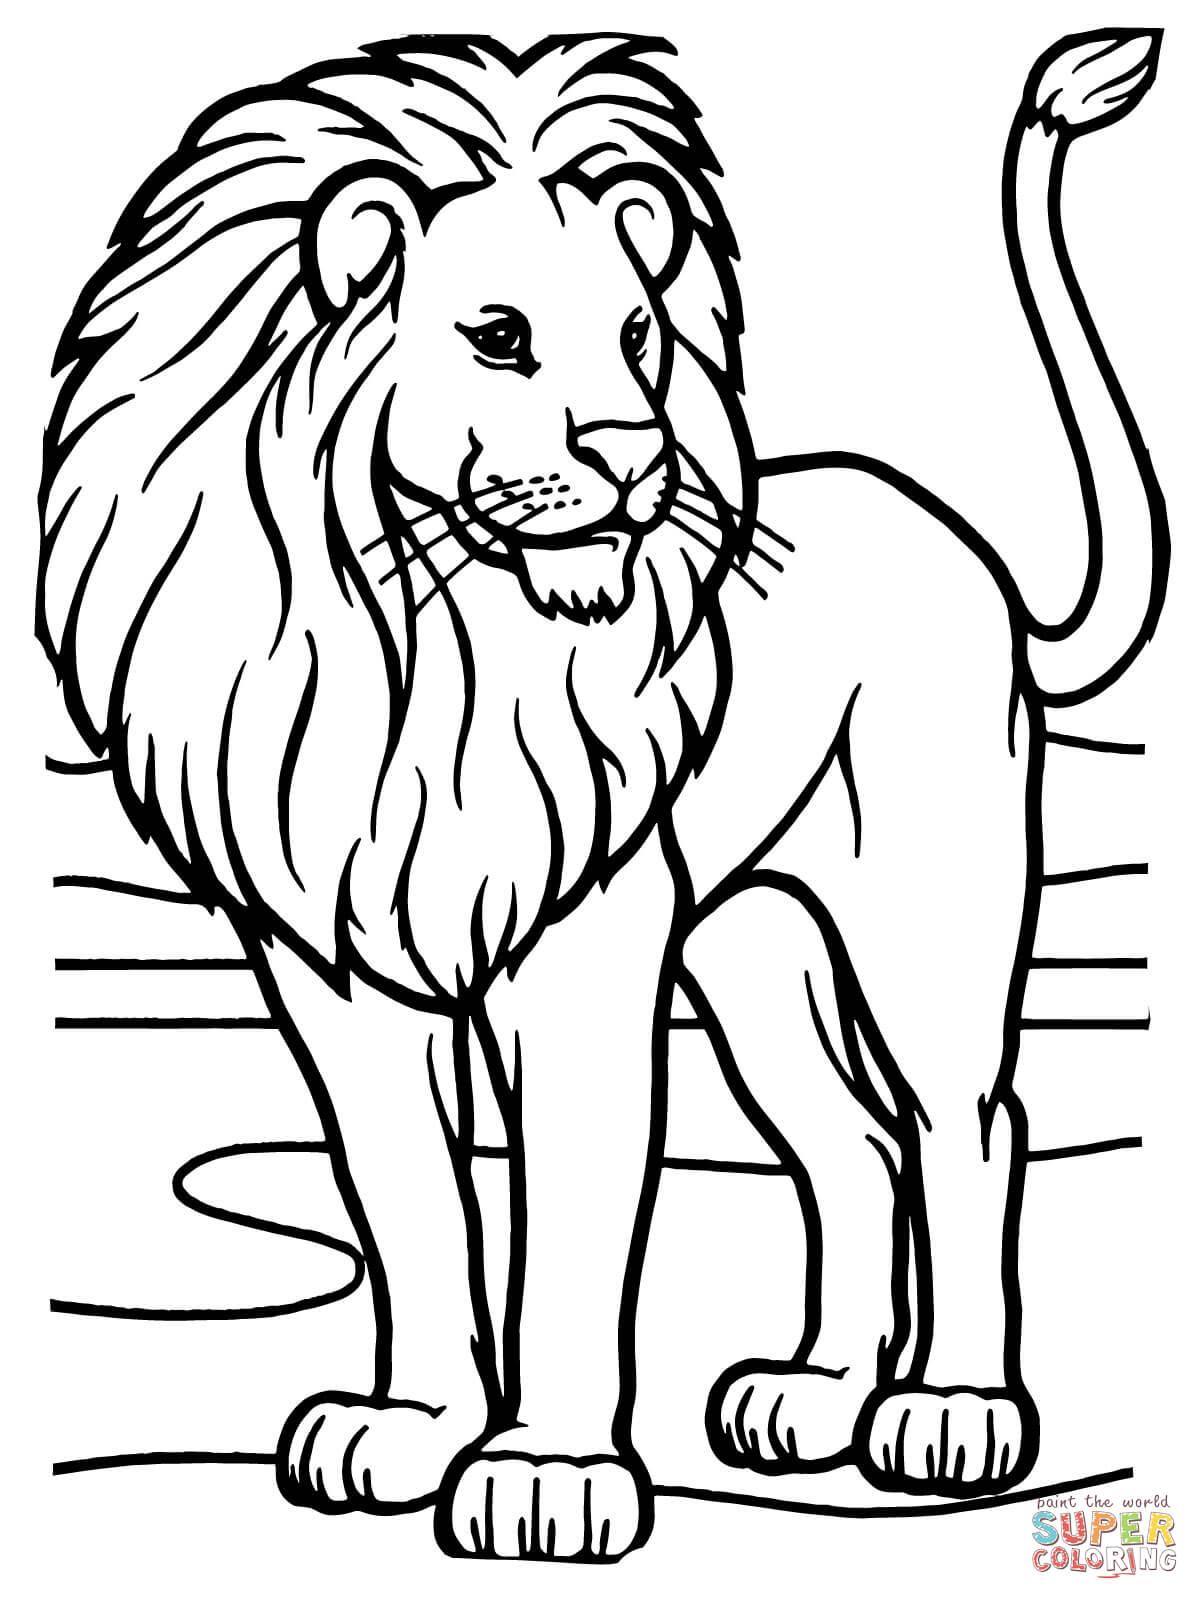 ausmalbilder löwen - malvorlagen kostenlos zum ausdrucken